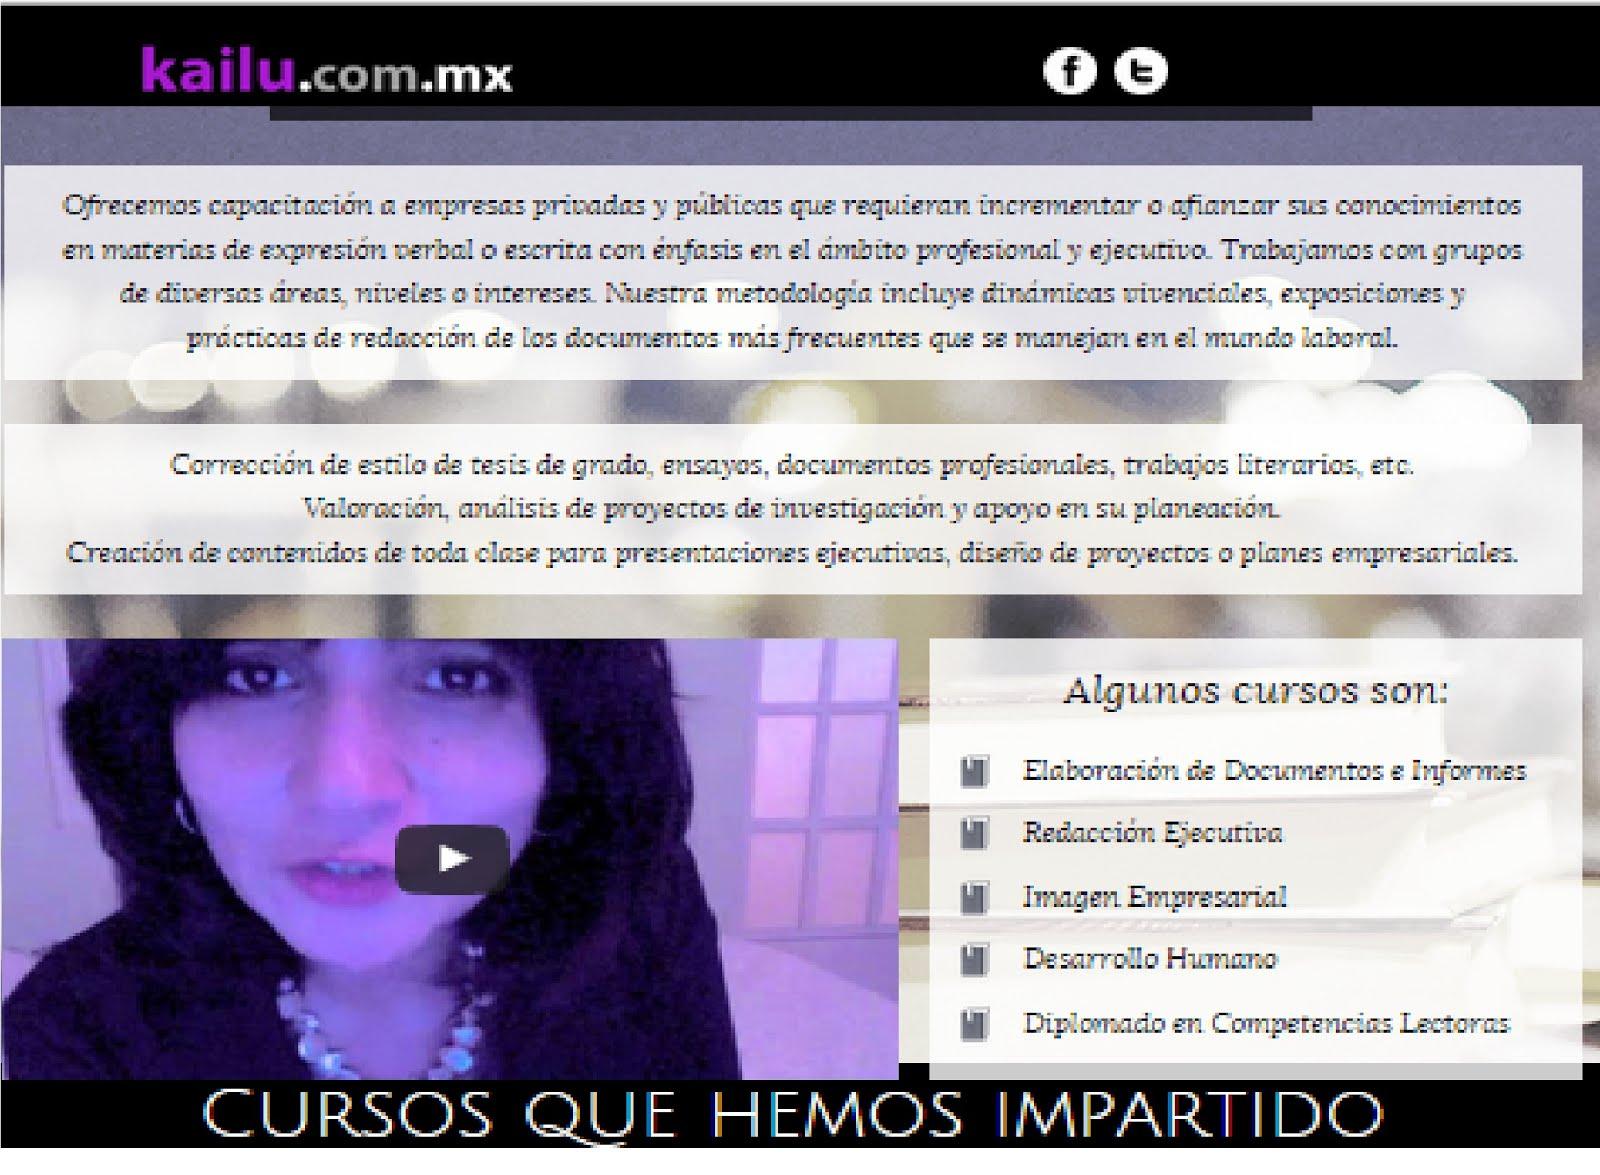 kailu.com.mx ASESORAMOS EMPRESAS Y ESTUDIANTES